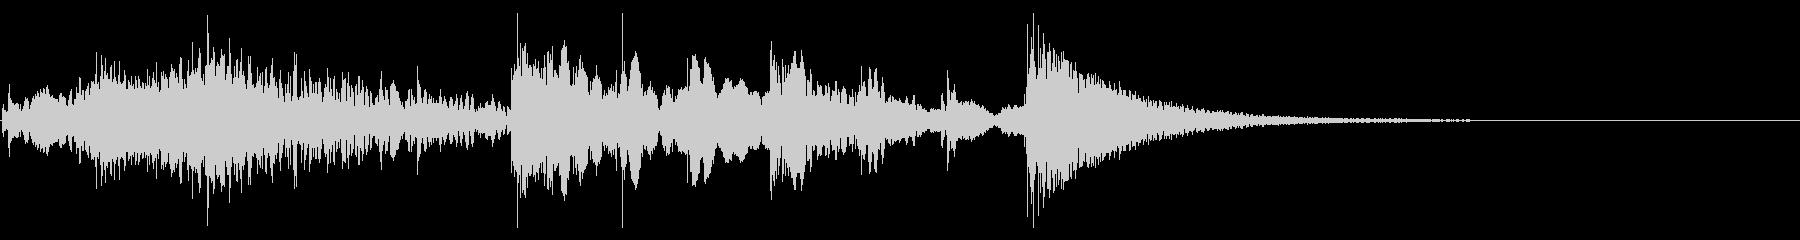 マリンバとスライドホイッスルのジングルの未再生の波形